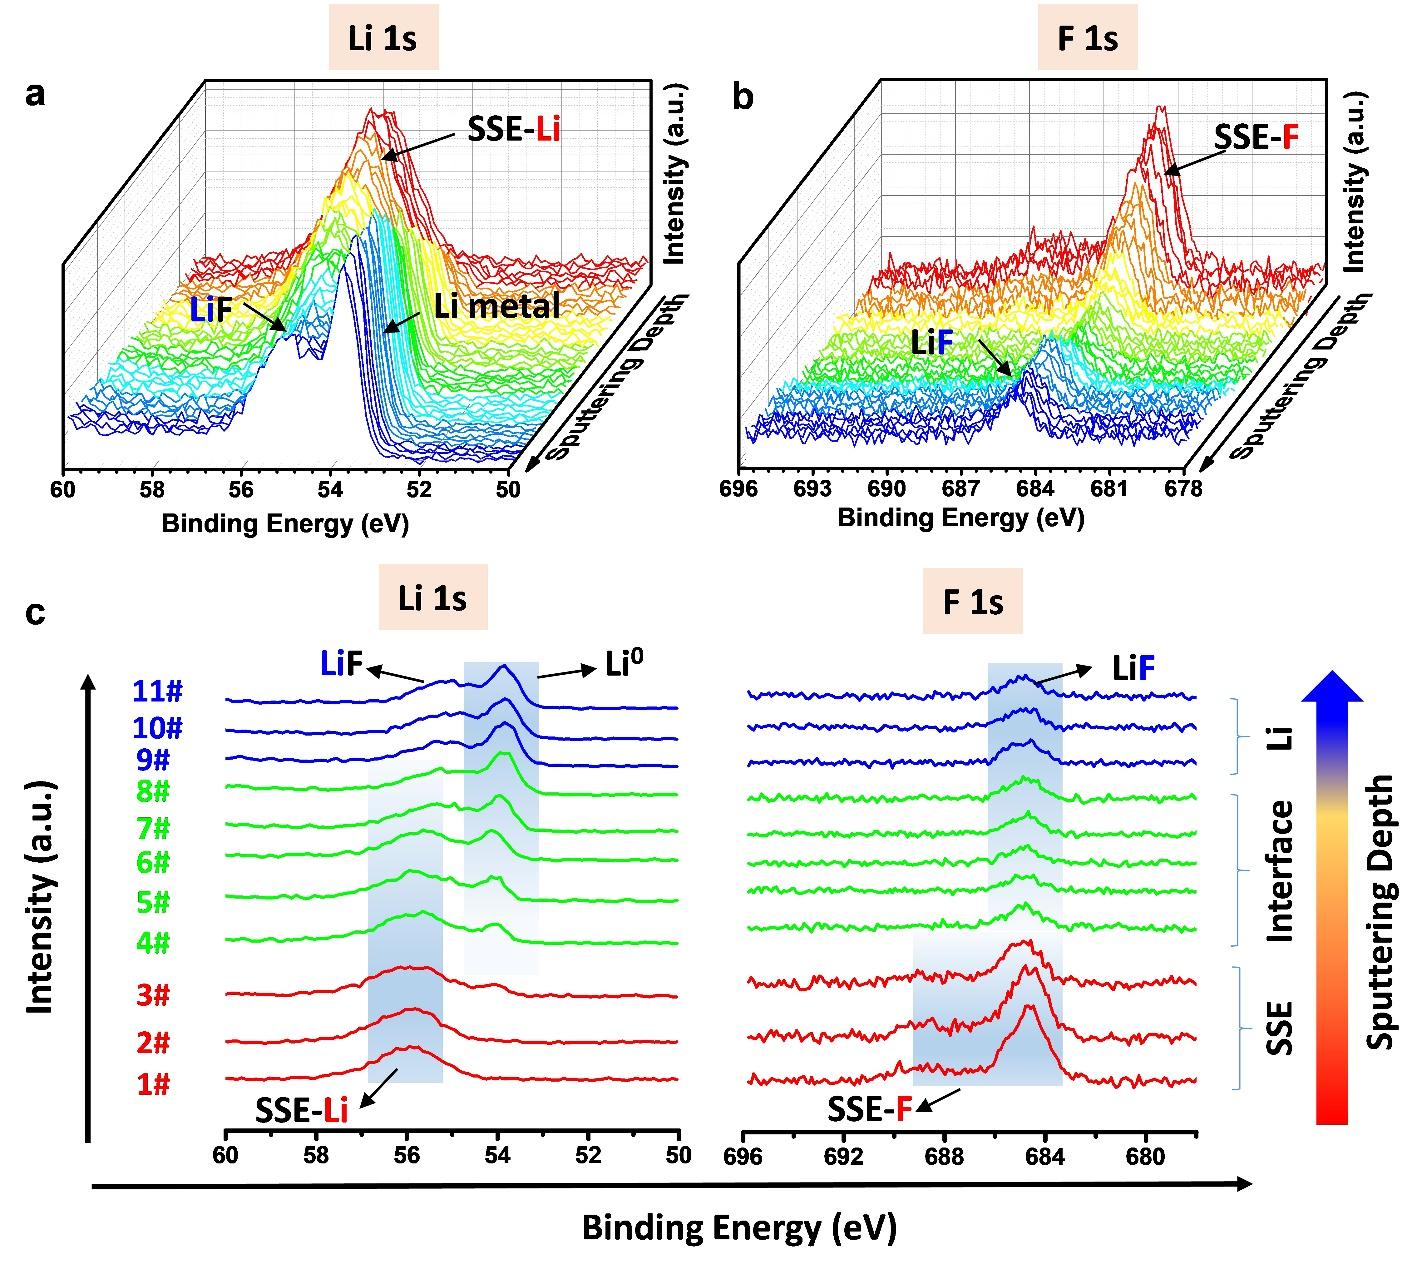 孙学良团队ACS Energy Letters:首次通过氟化硫化物电解质得到超级稳定的锂负极界面